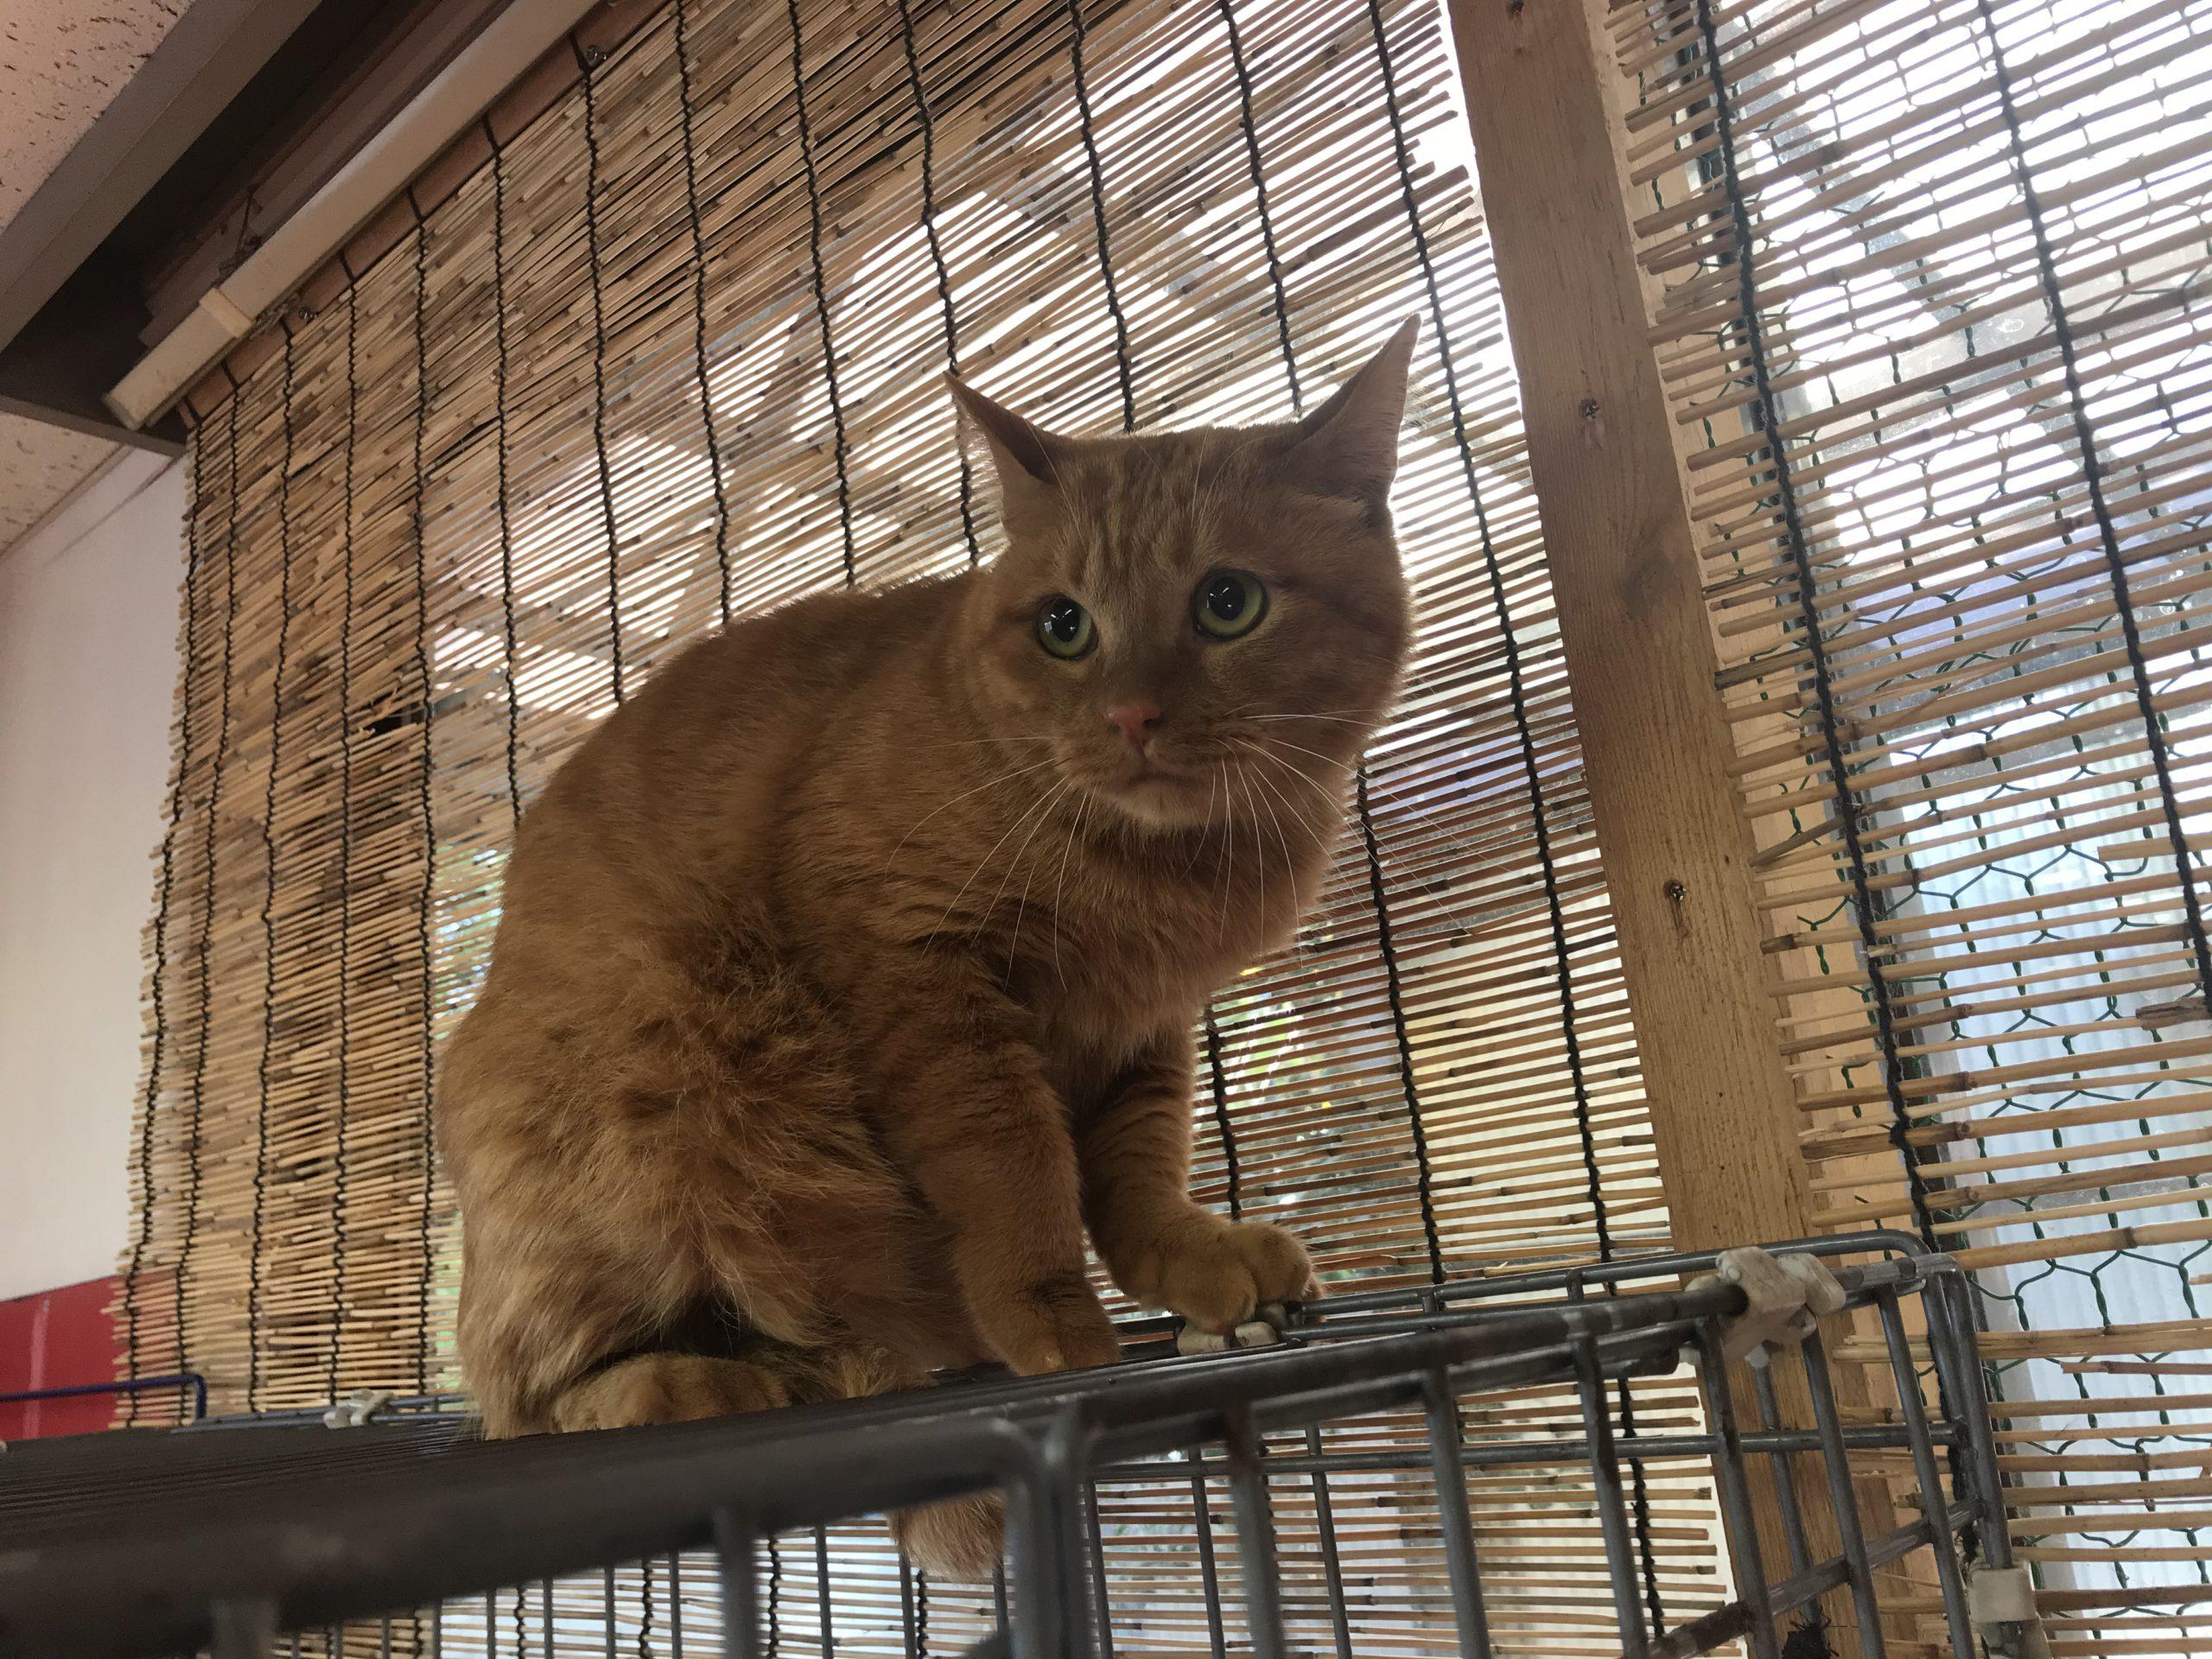 <p></p> <ul> <li>猫種:日本猫 茶トラ</li> <li>性別:男の子</li> <li>名前:フク</li> <li>年齢:3~4歳くらい</li> <li>保護経緯:飼い主様が介護施設に入居のため飼育困難になりました</li> </ul>